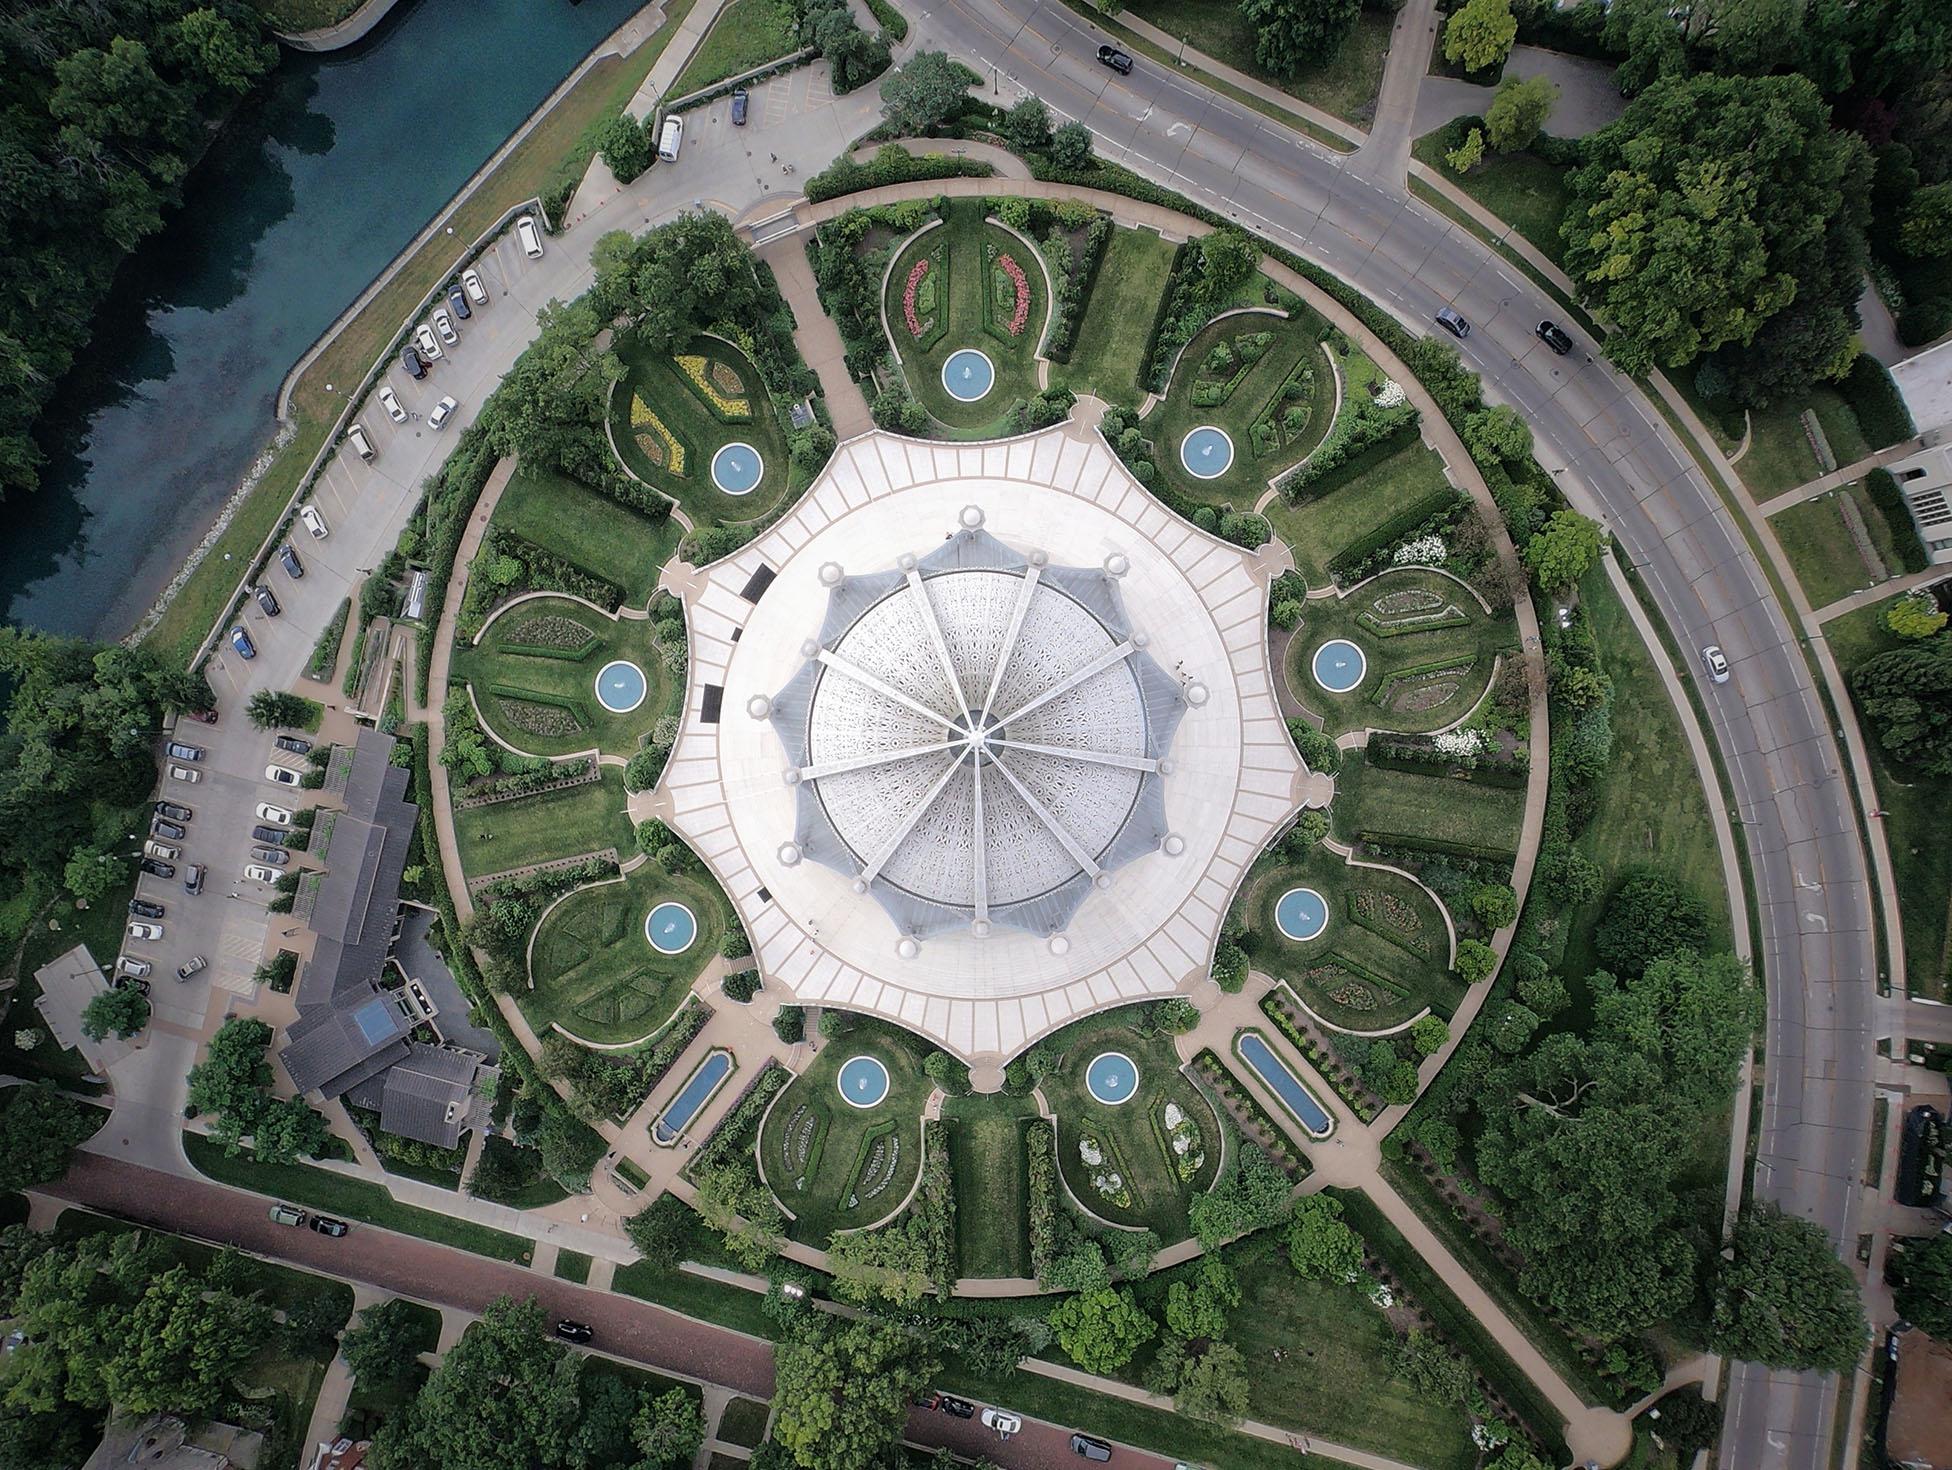 Bahai Temple in Evanston